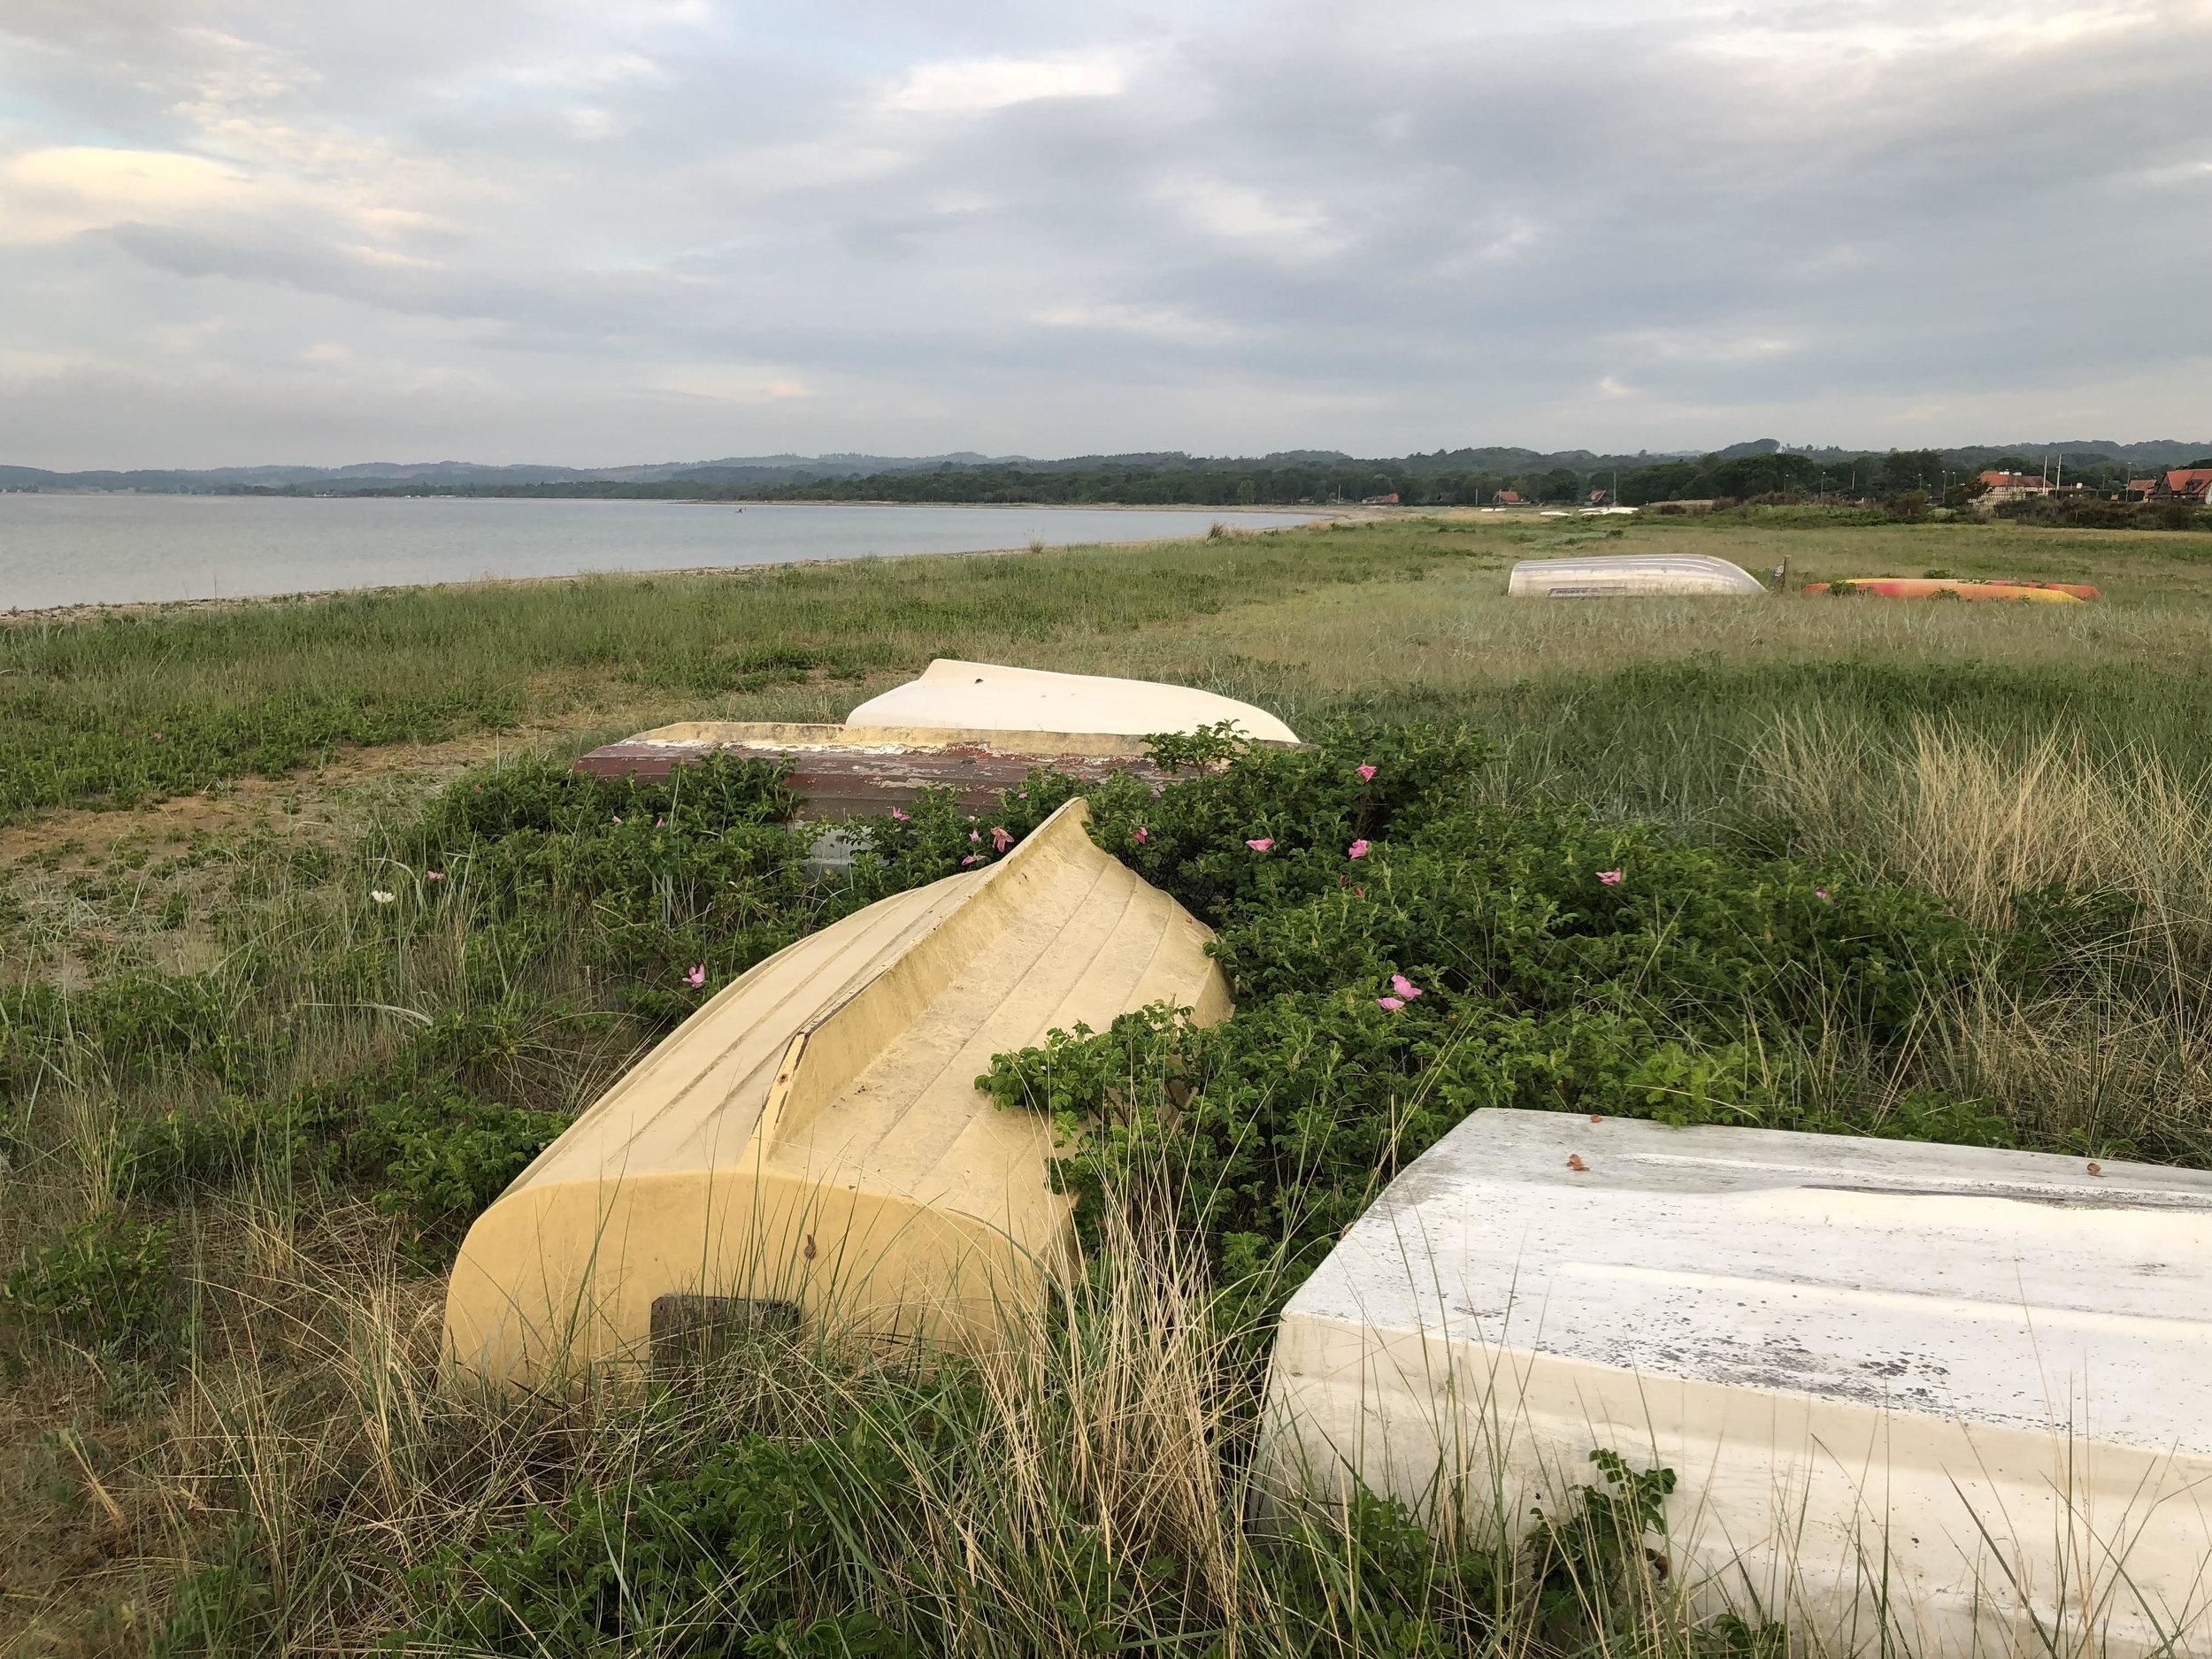 Upturned dingies above the high tide mark. Ebeltoft, Denmark.